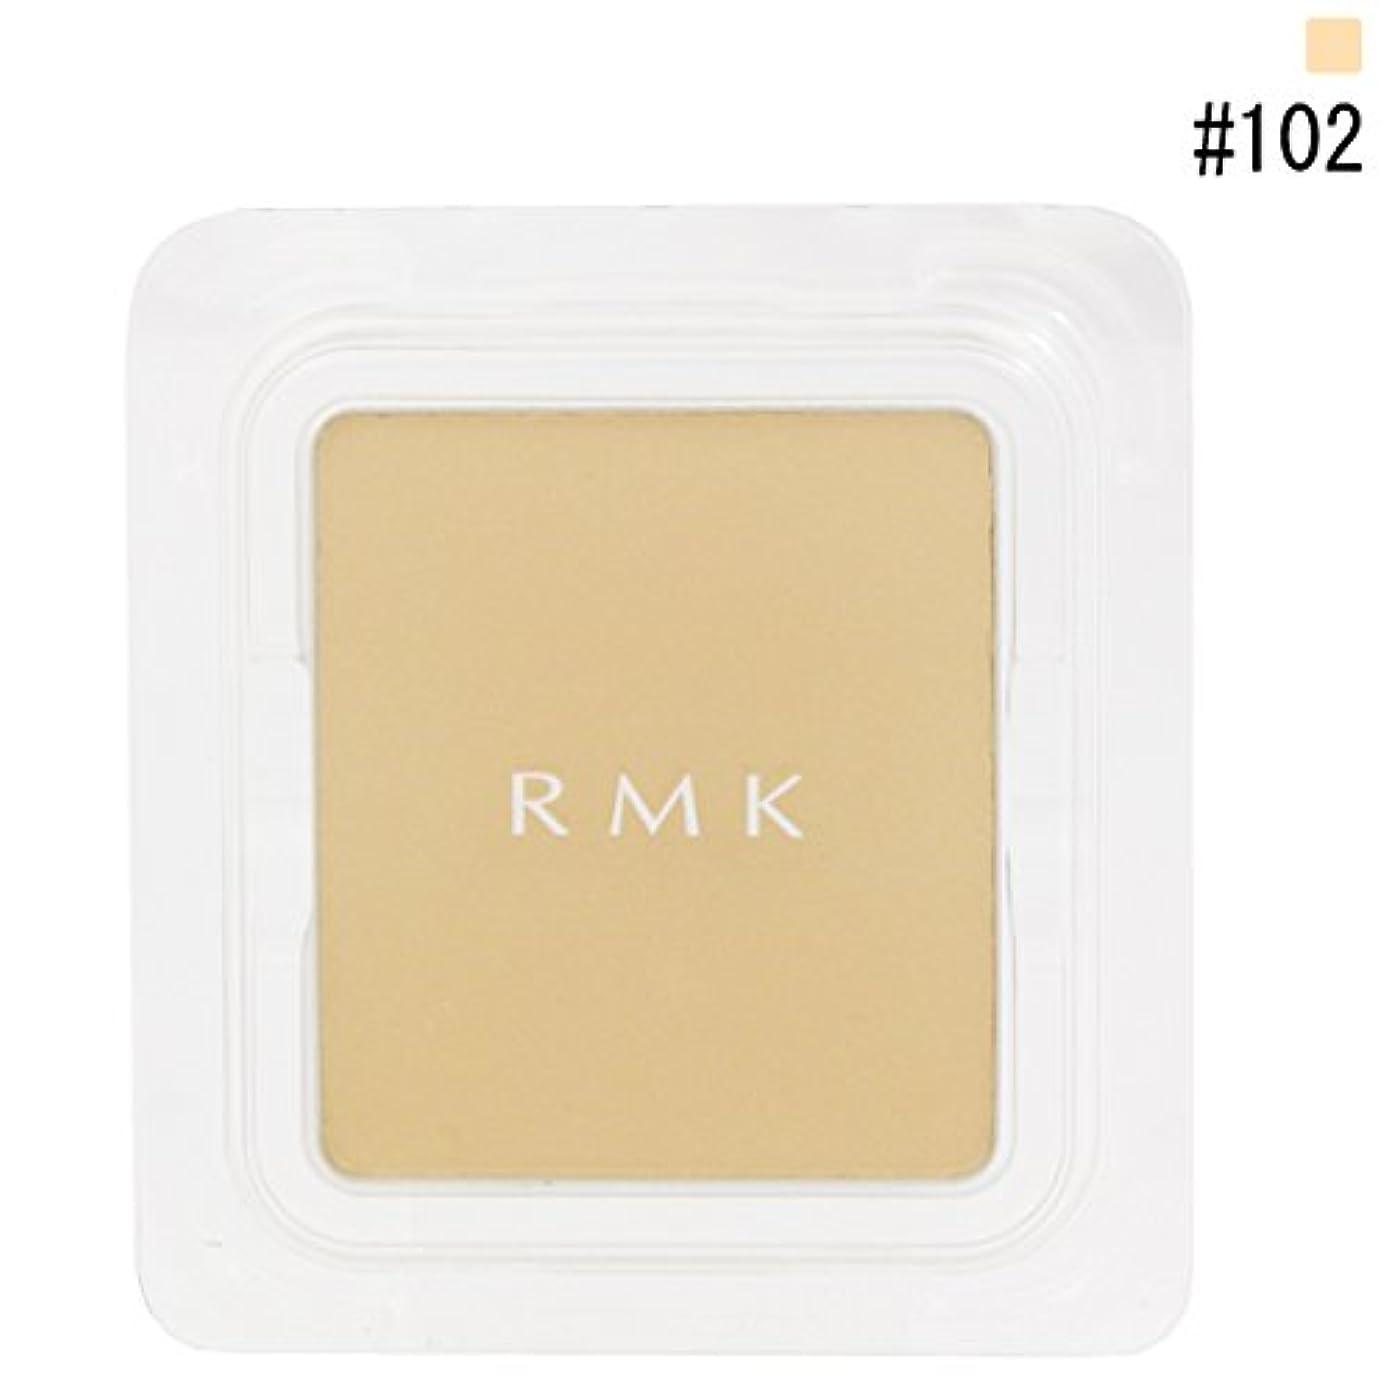 悪魔倒産データベース【RMK (ルミコ)】エアリーパウダーファンデーション (レフィル) #102 10.5g